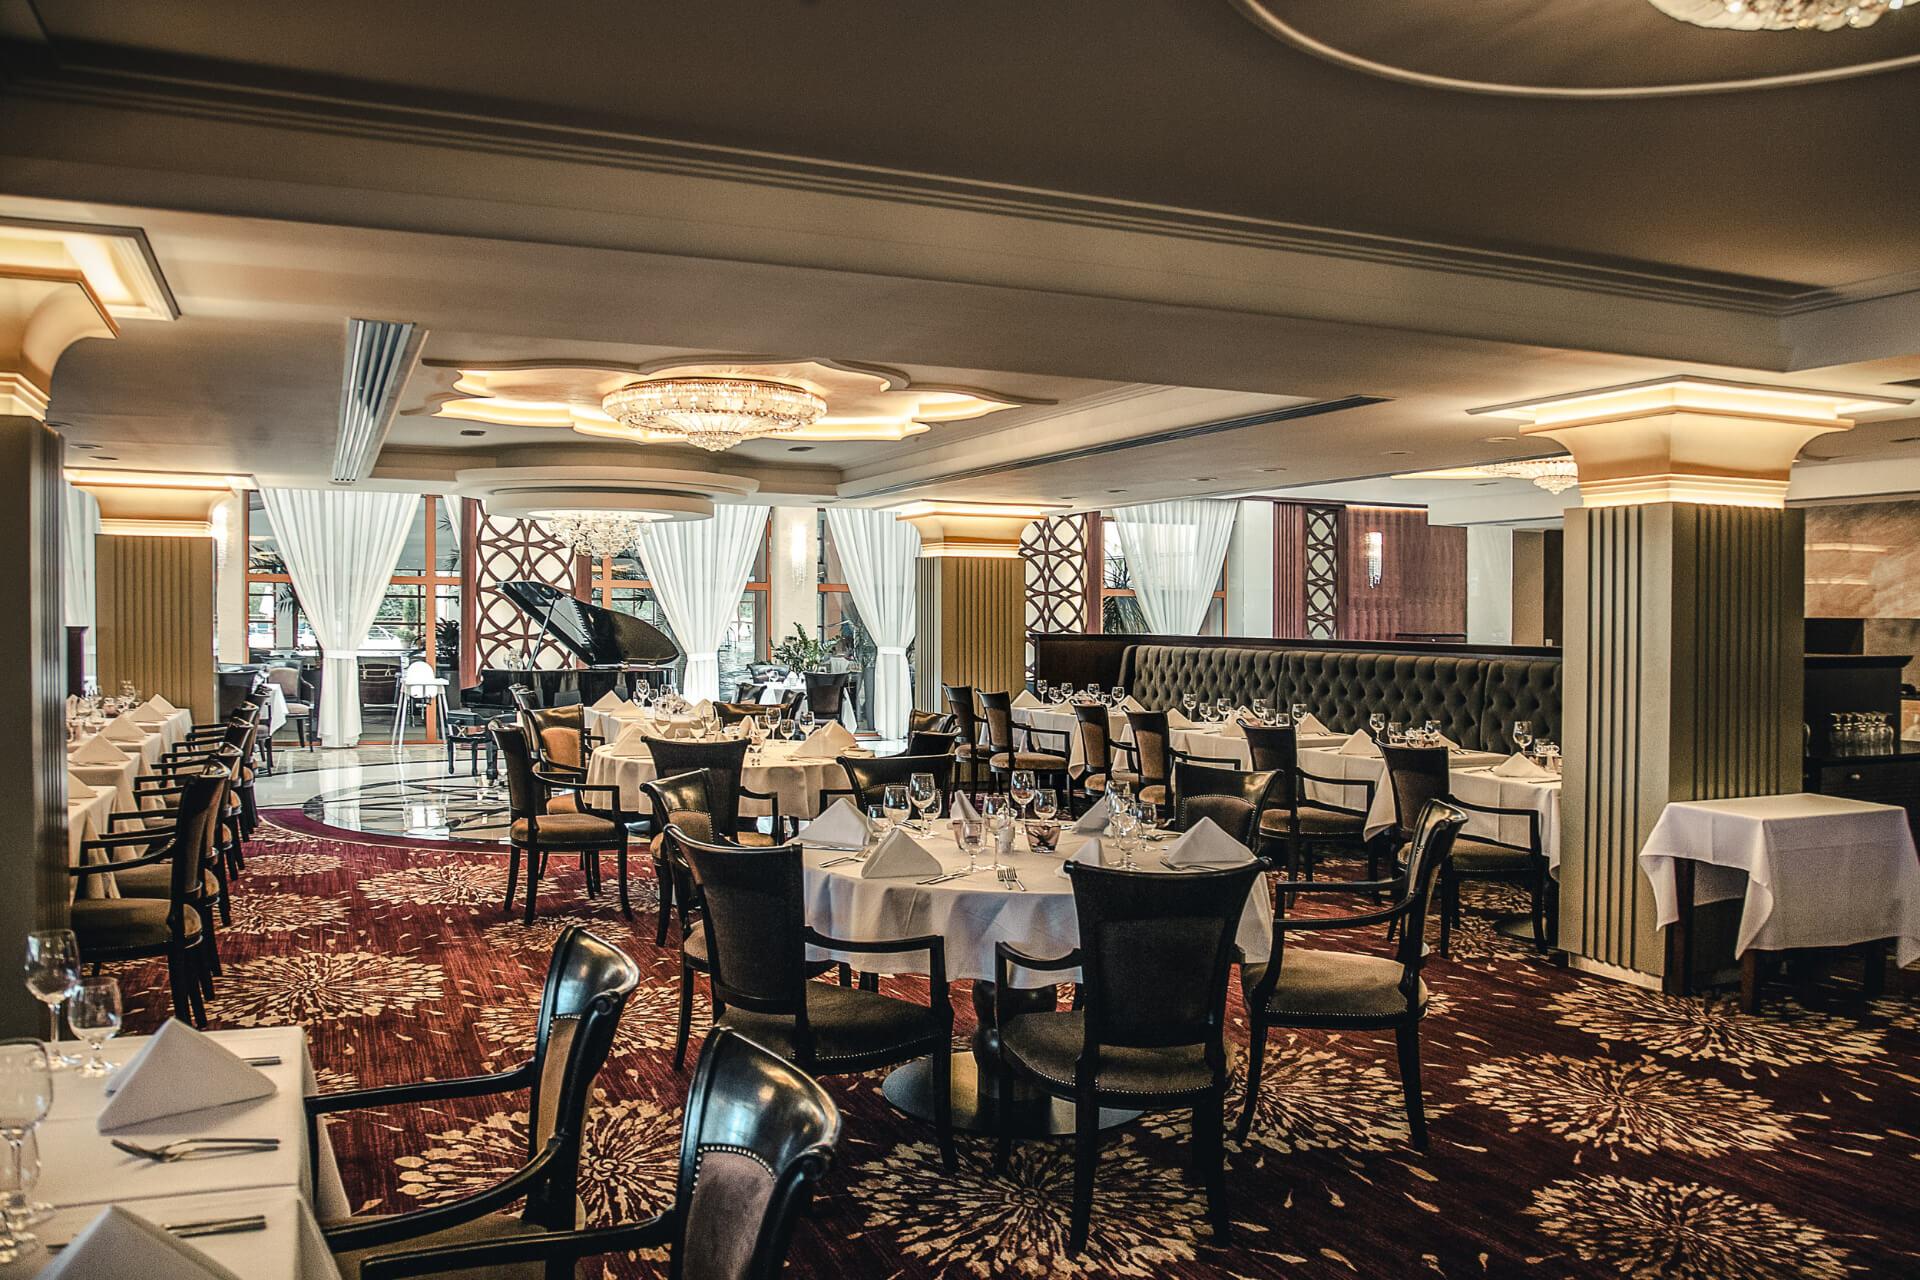 Hotelová reštaurácia Kaskady - priestory